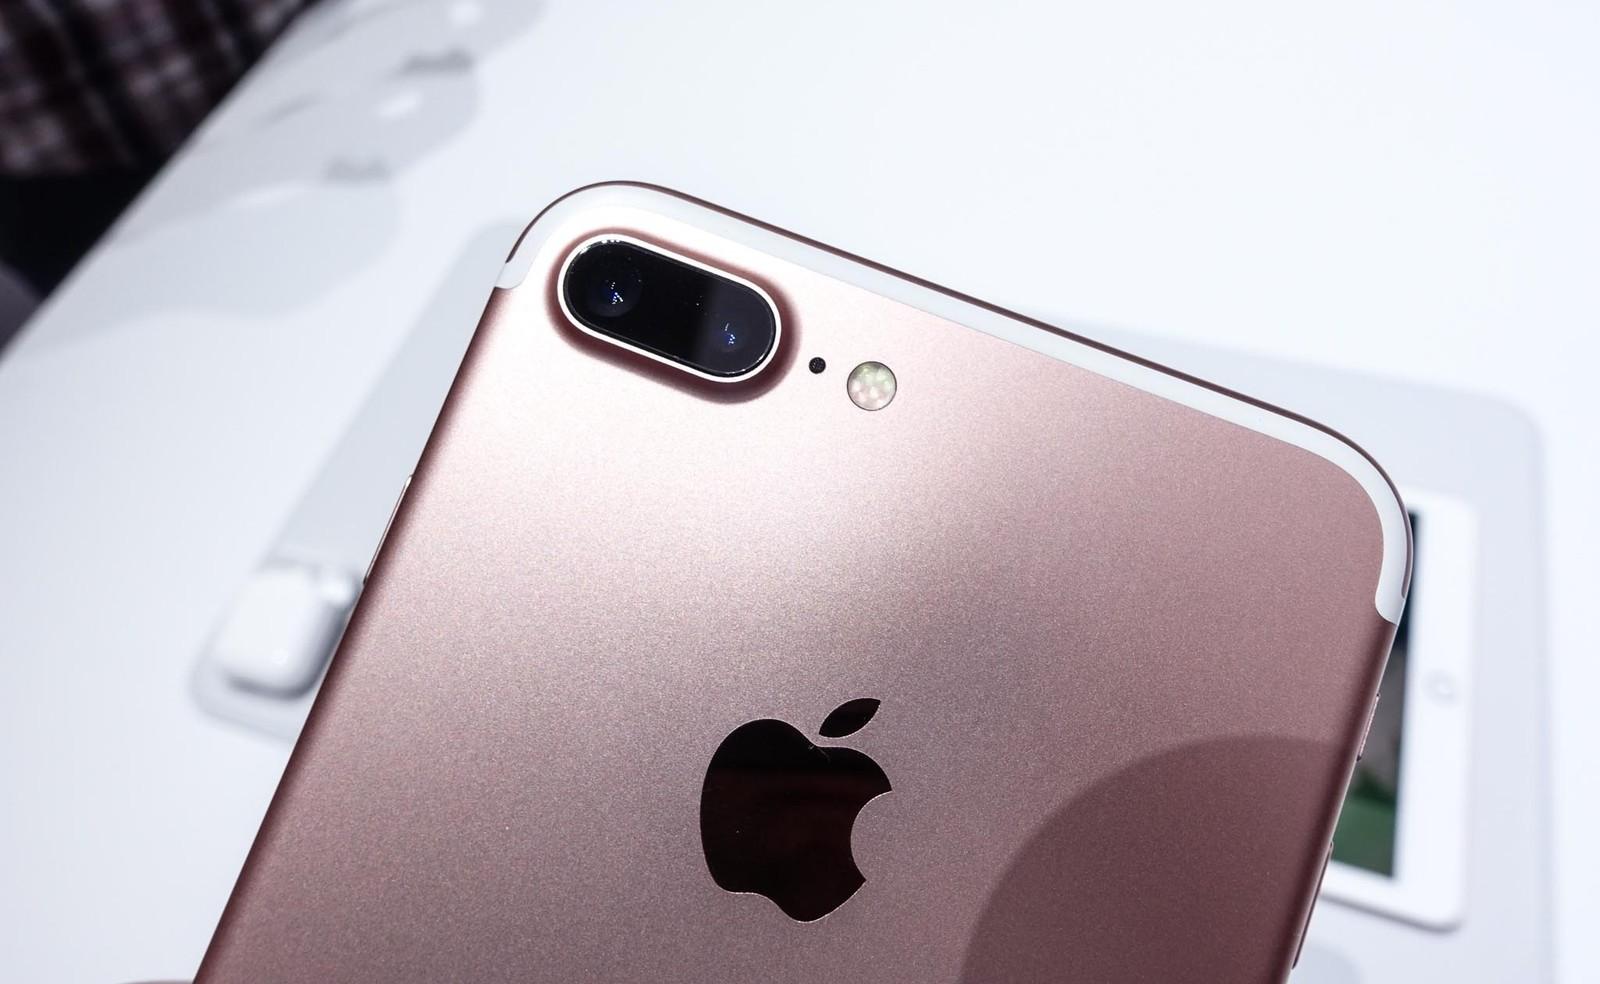 В Российской Федерации в 1-ый день продаж реализовано свыше 10 тыс. новых iPhone